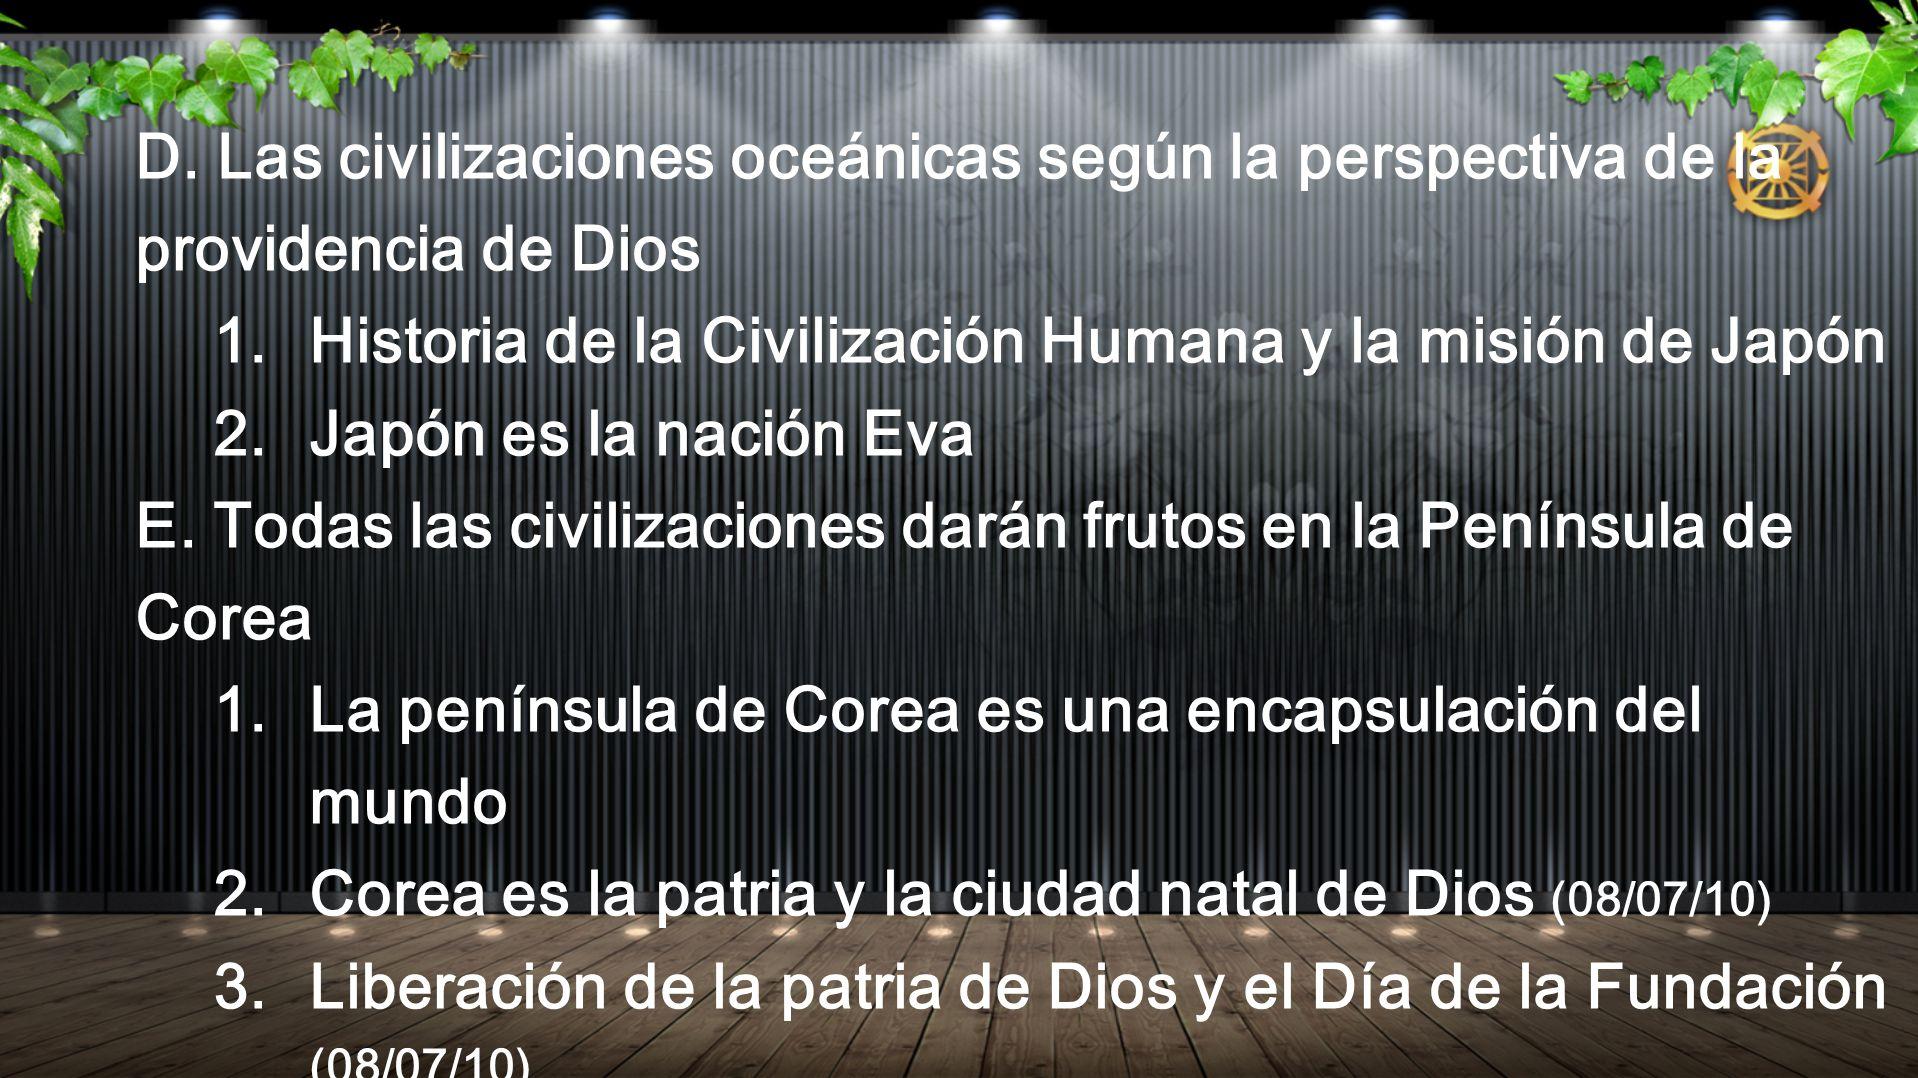 D. Las civilizaciones oceánicas según la perspectiva de la providencia de Dios 1. Historia de la Civilización Humana y la misión de Japón 2. Japón es